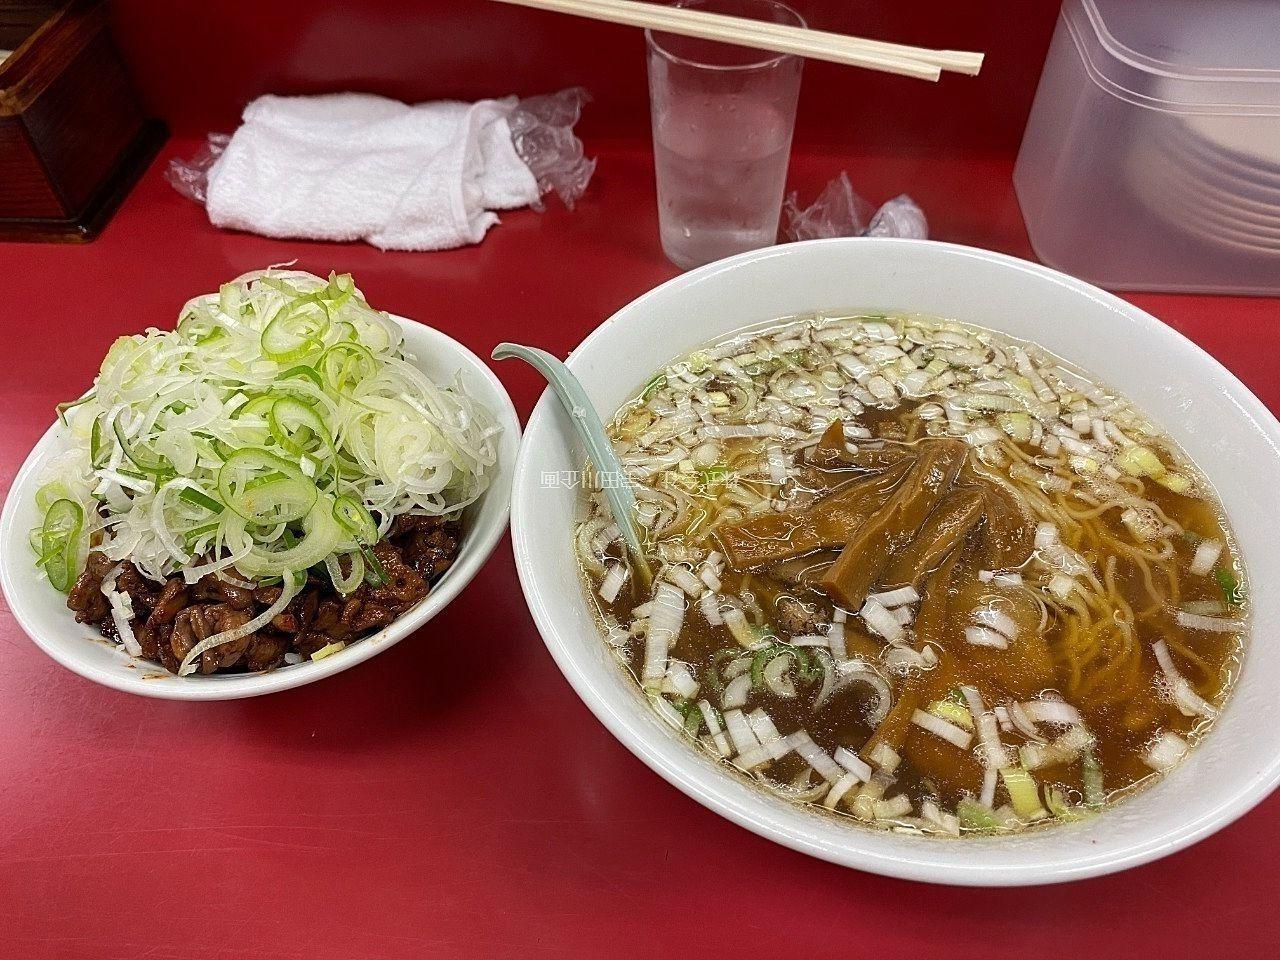 亀戸 ラーメン【菜苑】宇田川企画ラーメン部 番外編